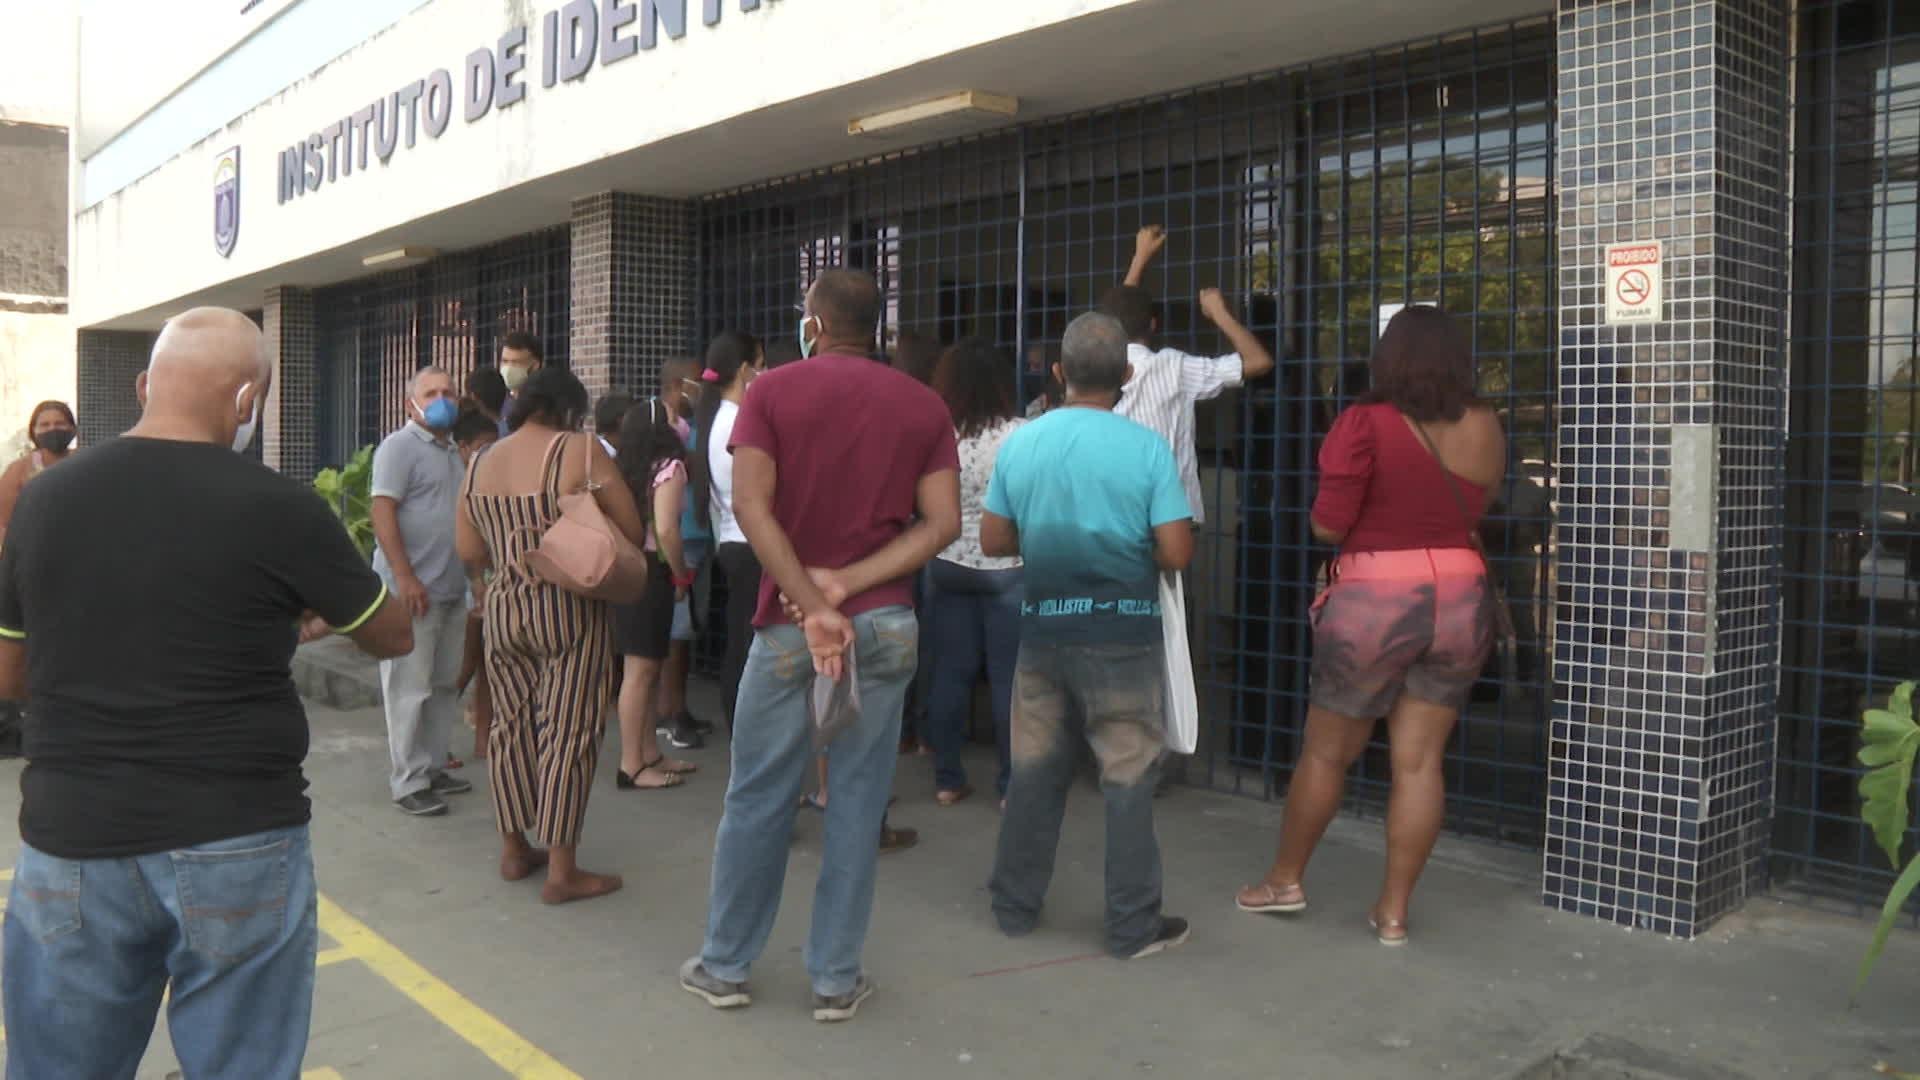 Fila para tirar segunda via de identidade provoca aglomeração na frente de instituto no Recife